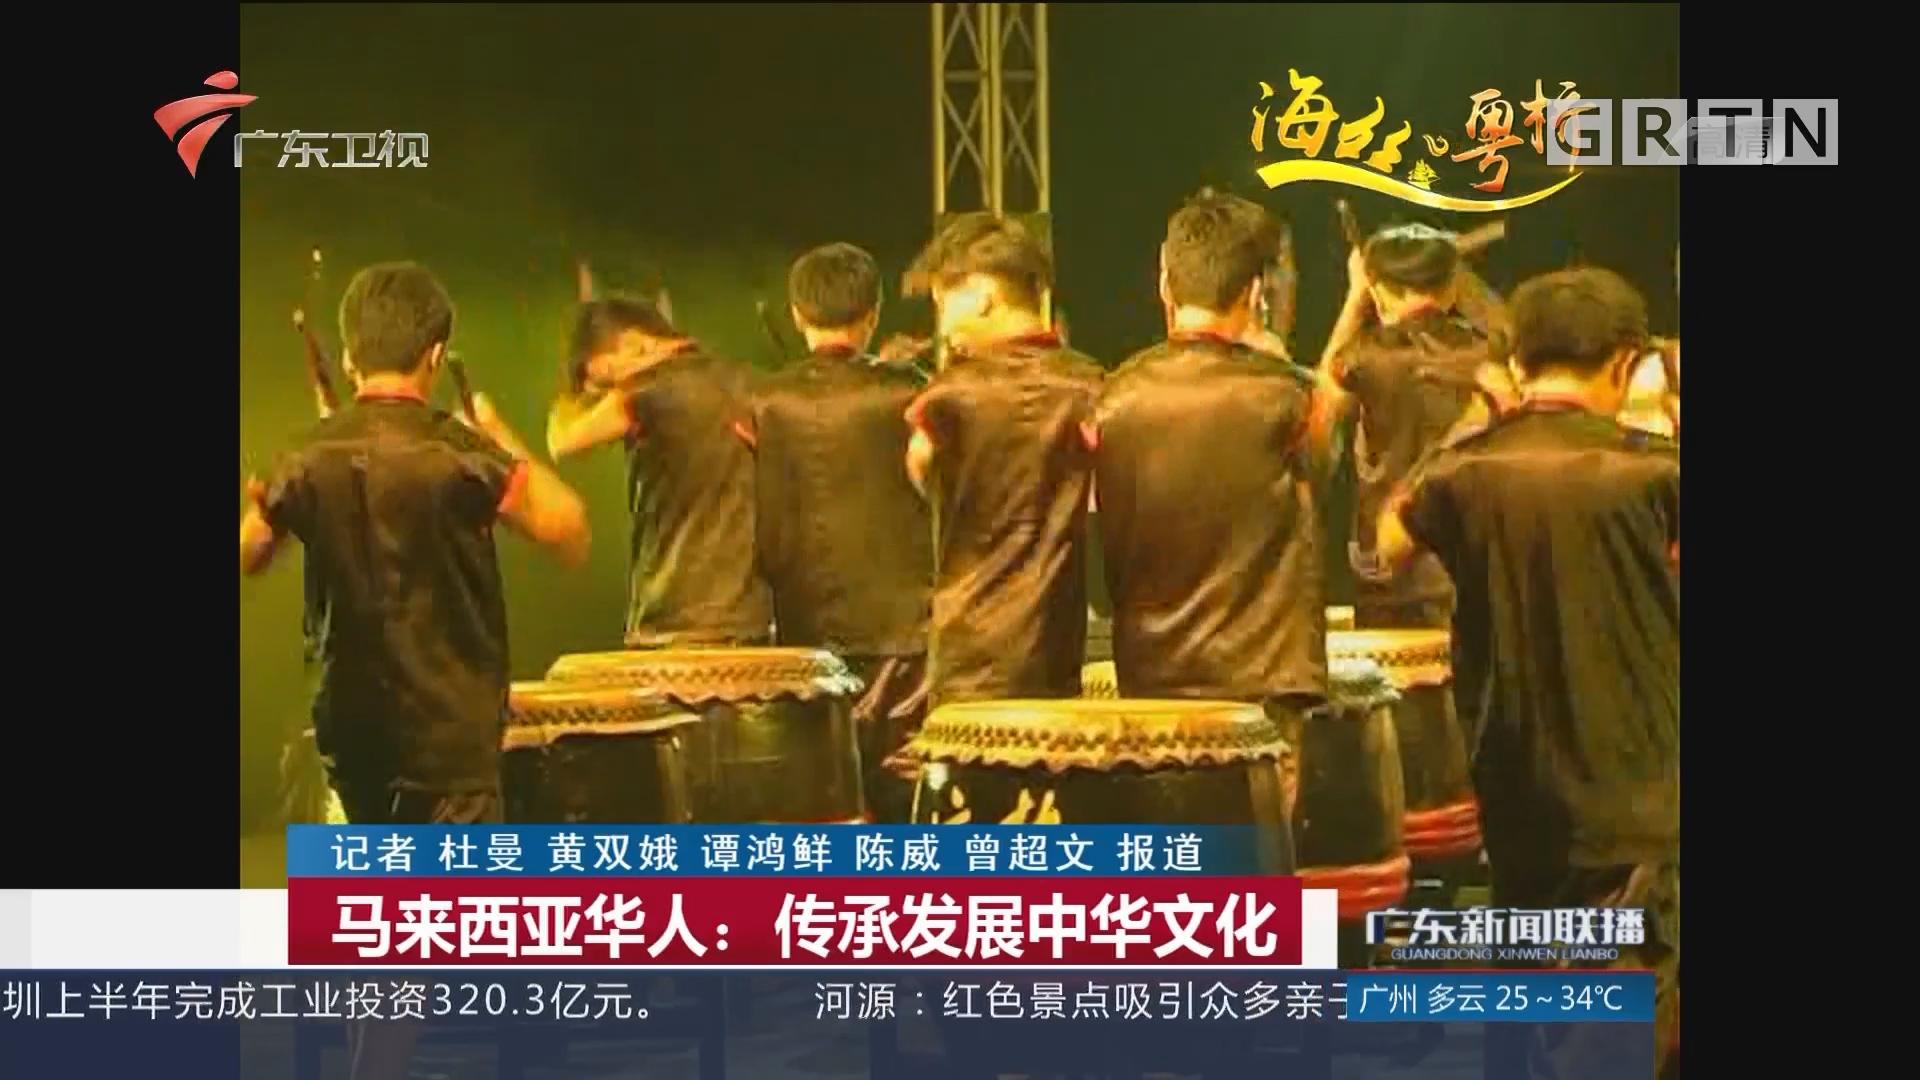 马来西亚华人:传承发展中华文化